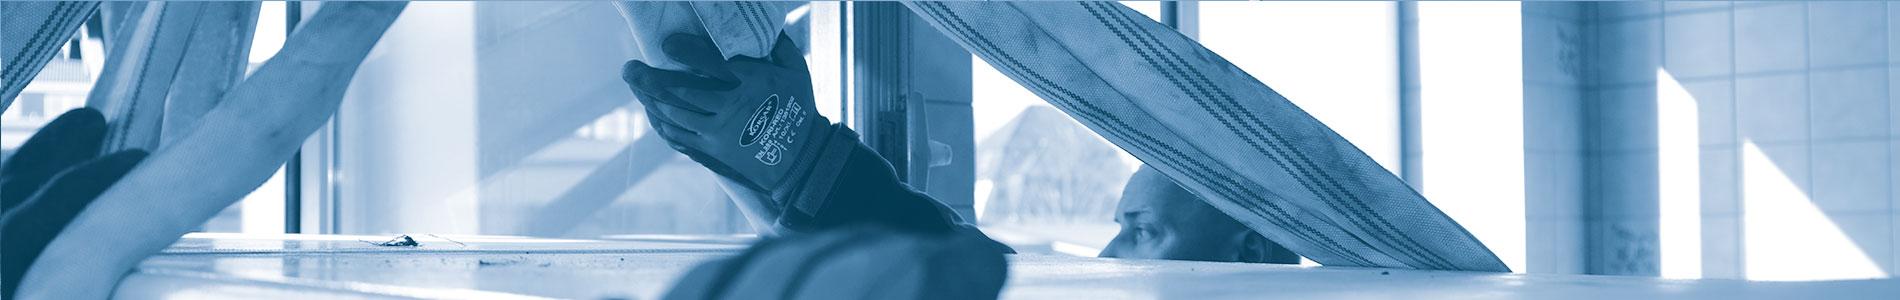 Ute Paech GmbH & Co. KG - Leistungen rund um Ihren Umzug und Transport